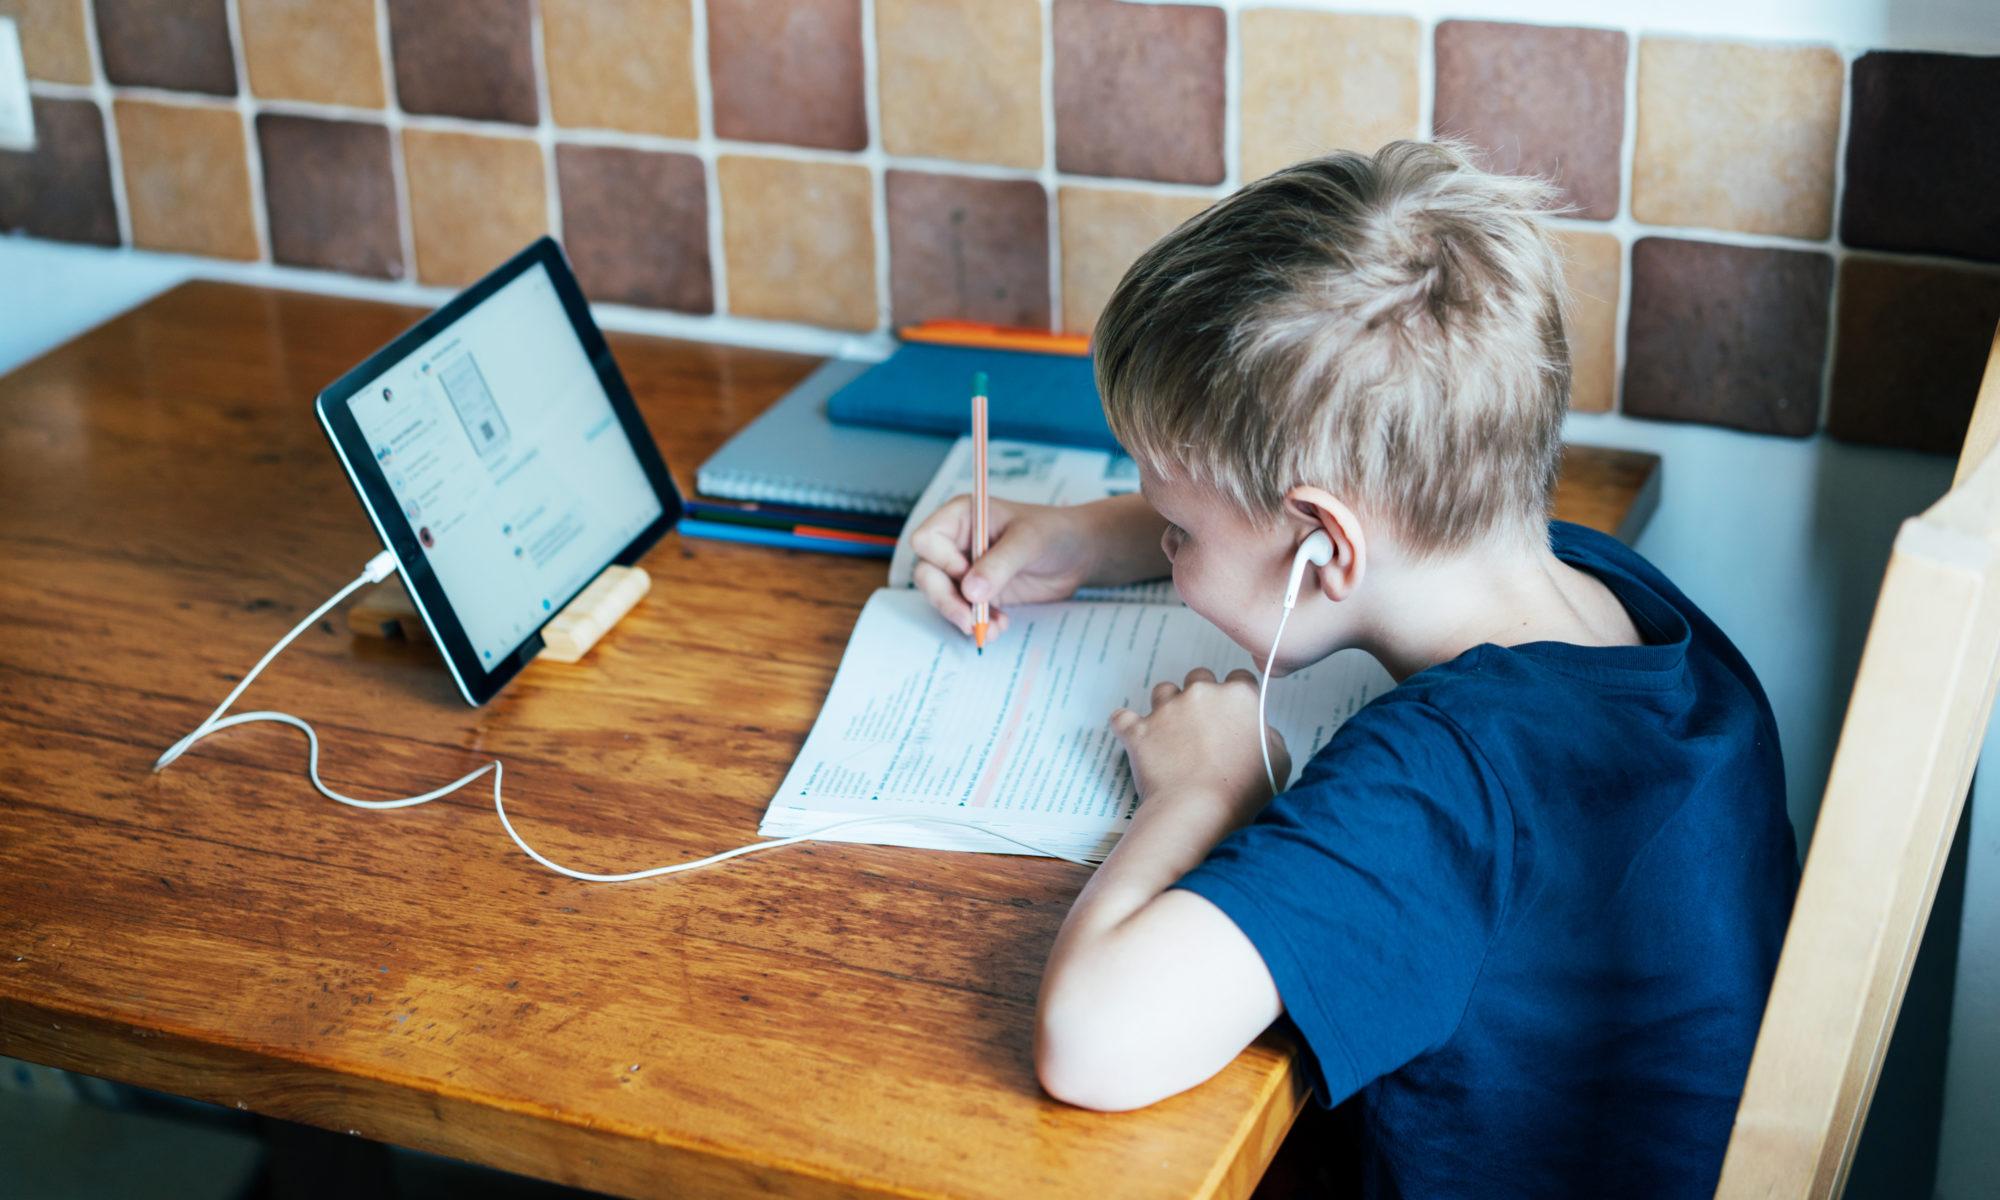 AdobeStock 334561276 2000x1200 - Hartz IV: Jetzt Antrag für digitale Endgeräte stellen